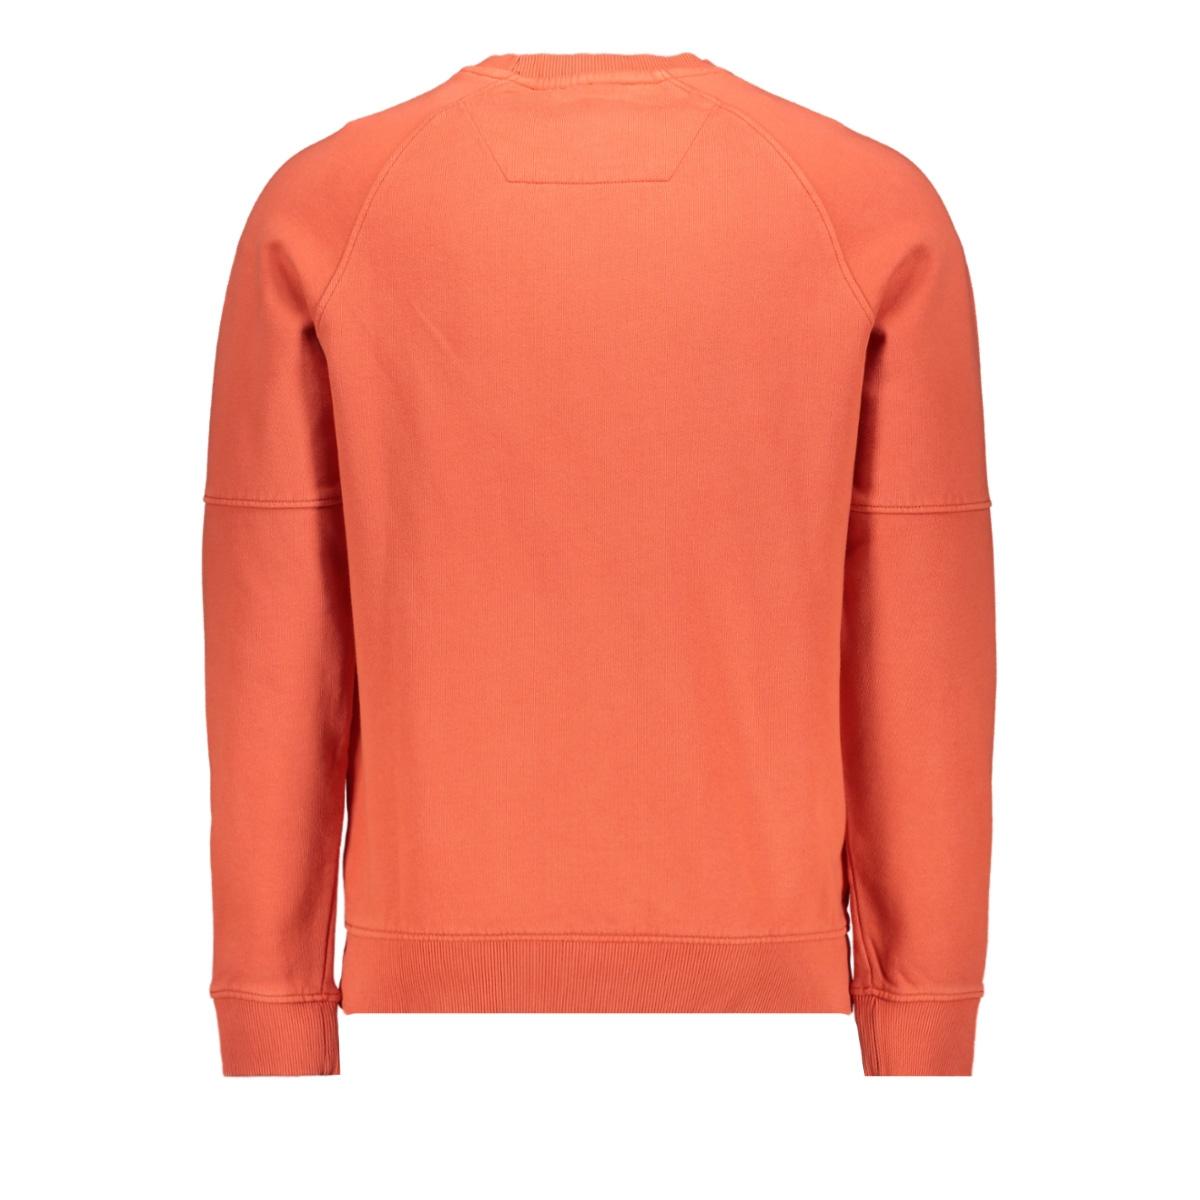 crewneck sweater psw198446 pme legend sweater 3089